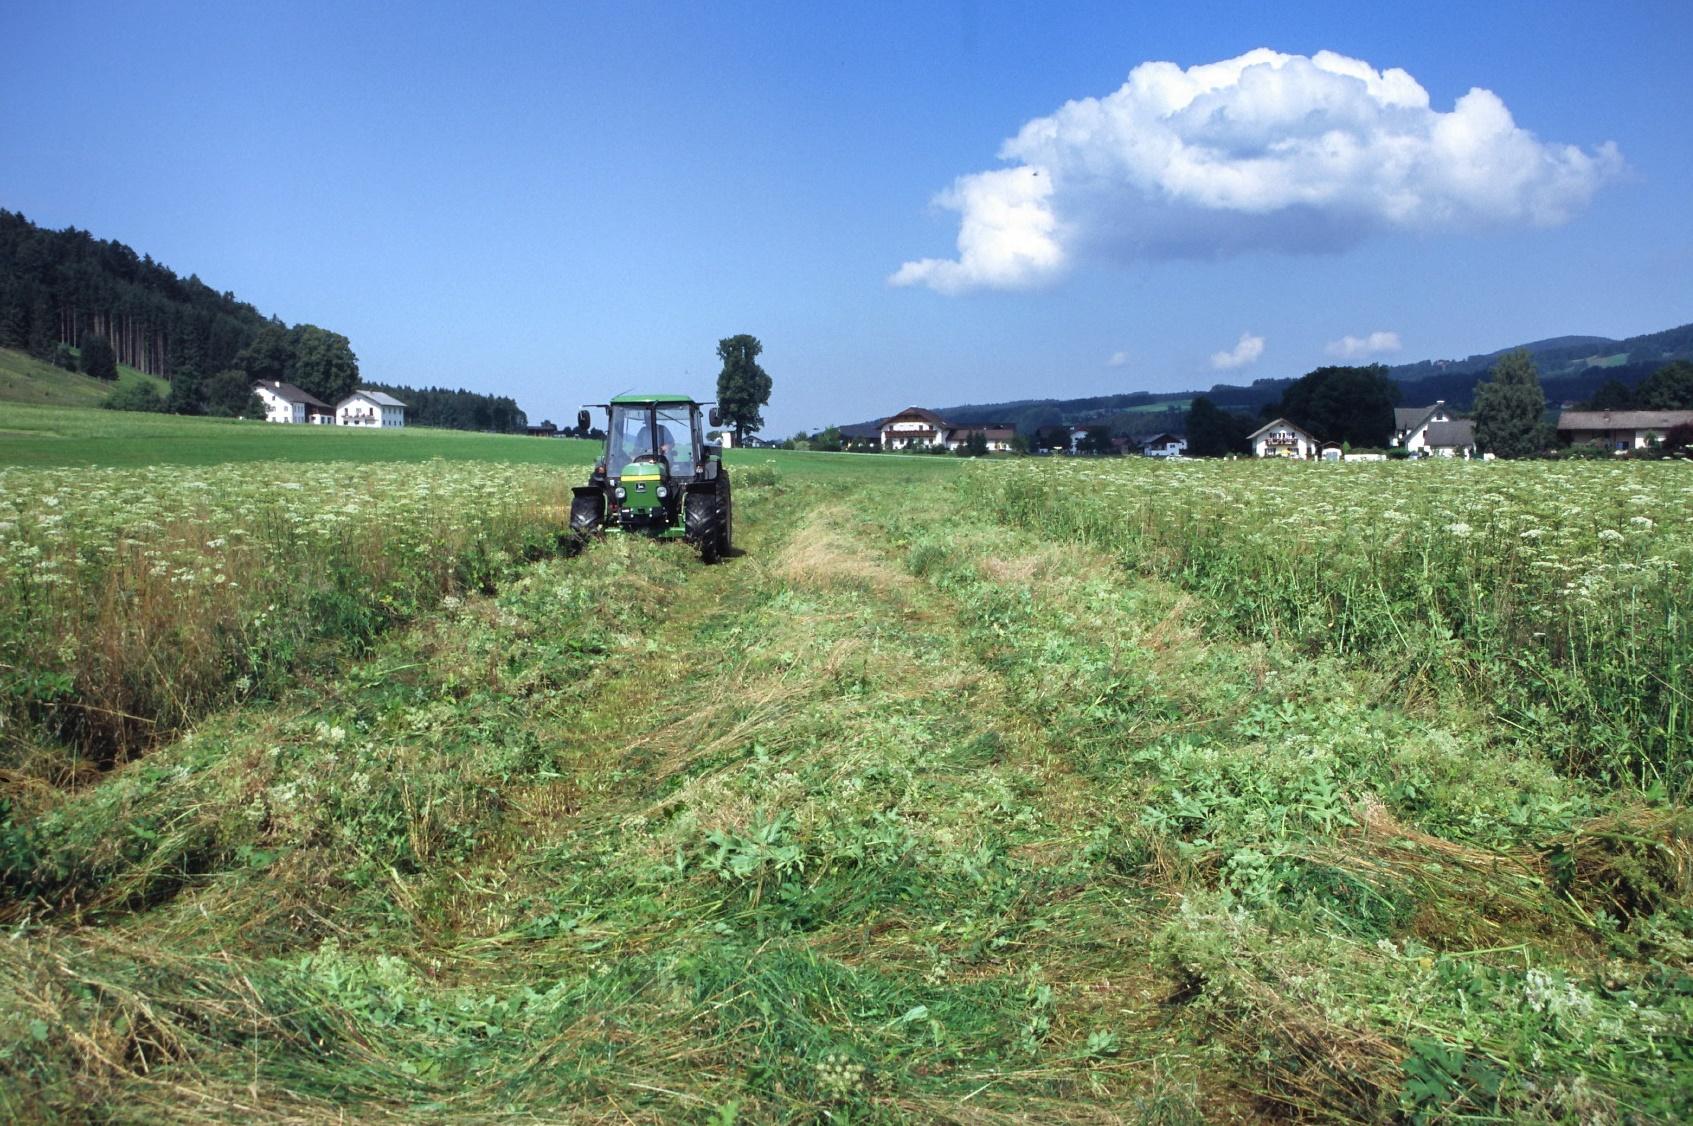 Um Nester und nicht flügge Jungvögel zu schützen, bietet das Land Oberösterreich Förderprämien für verspätete Mahd der Brutwiesen an.